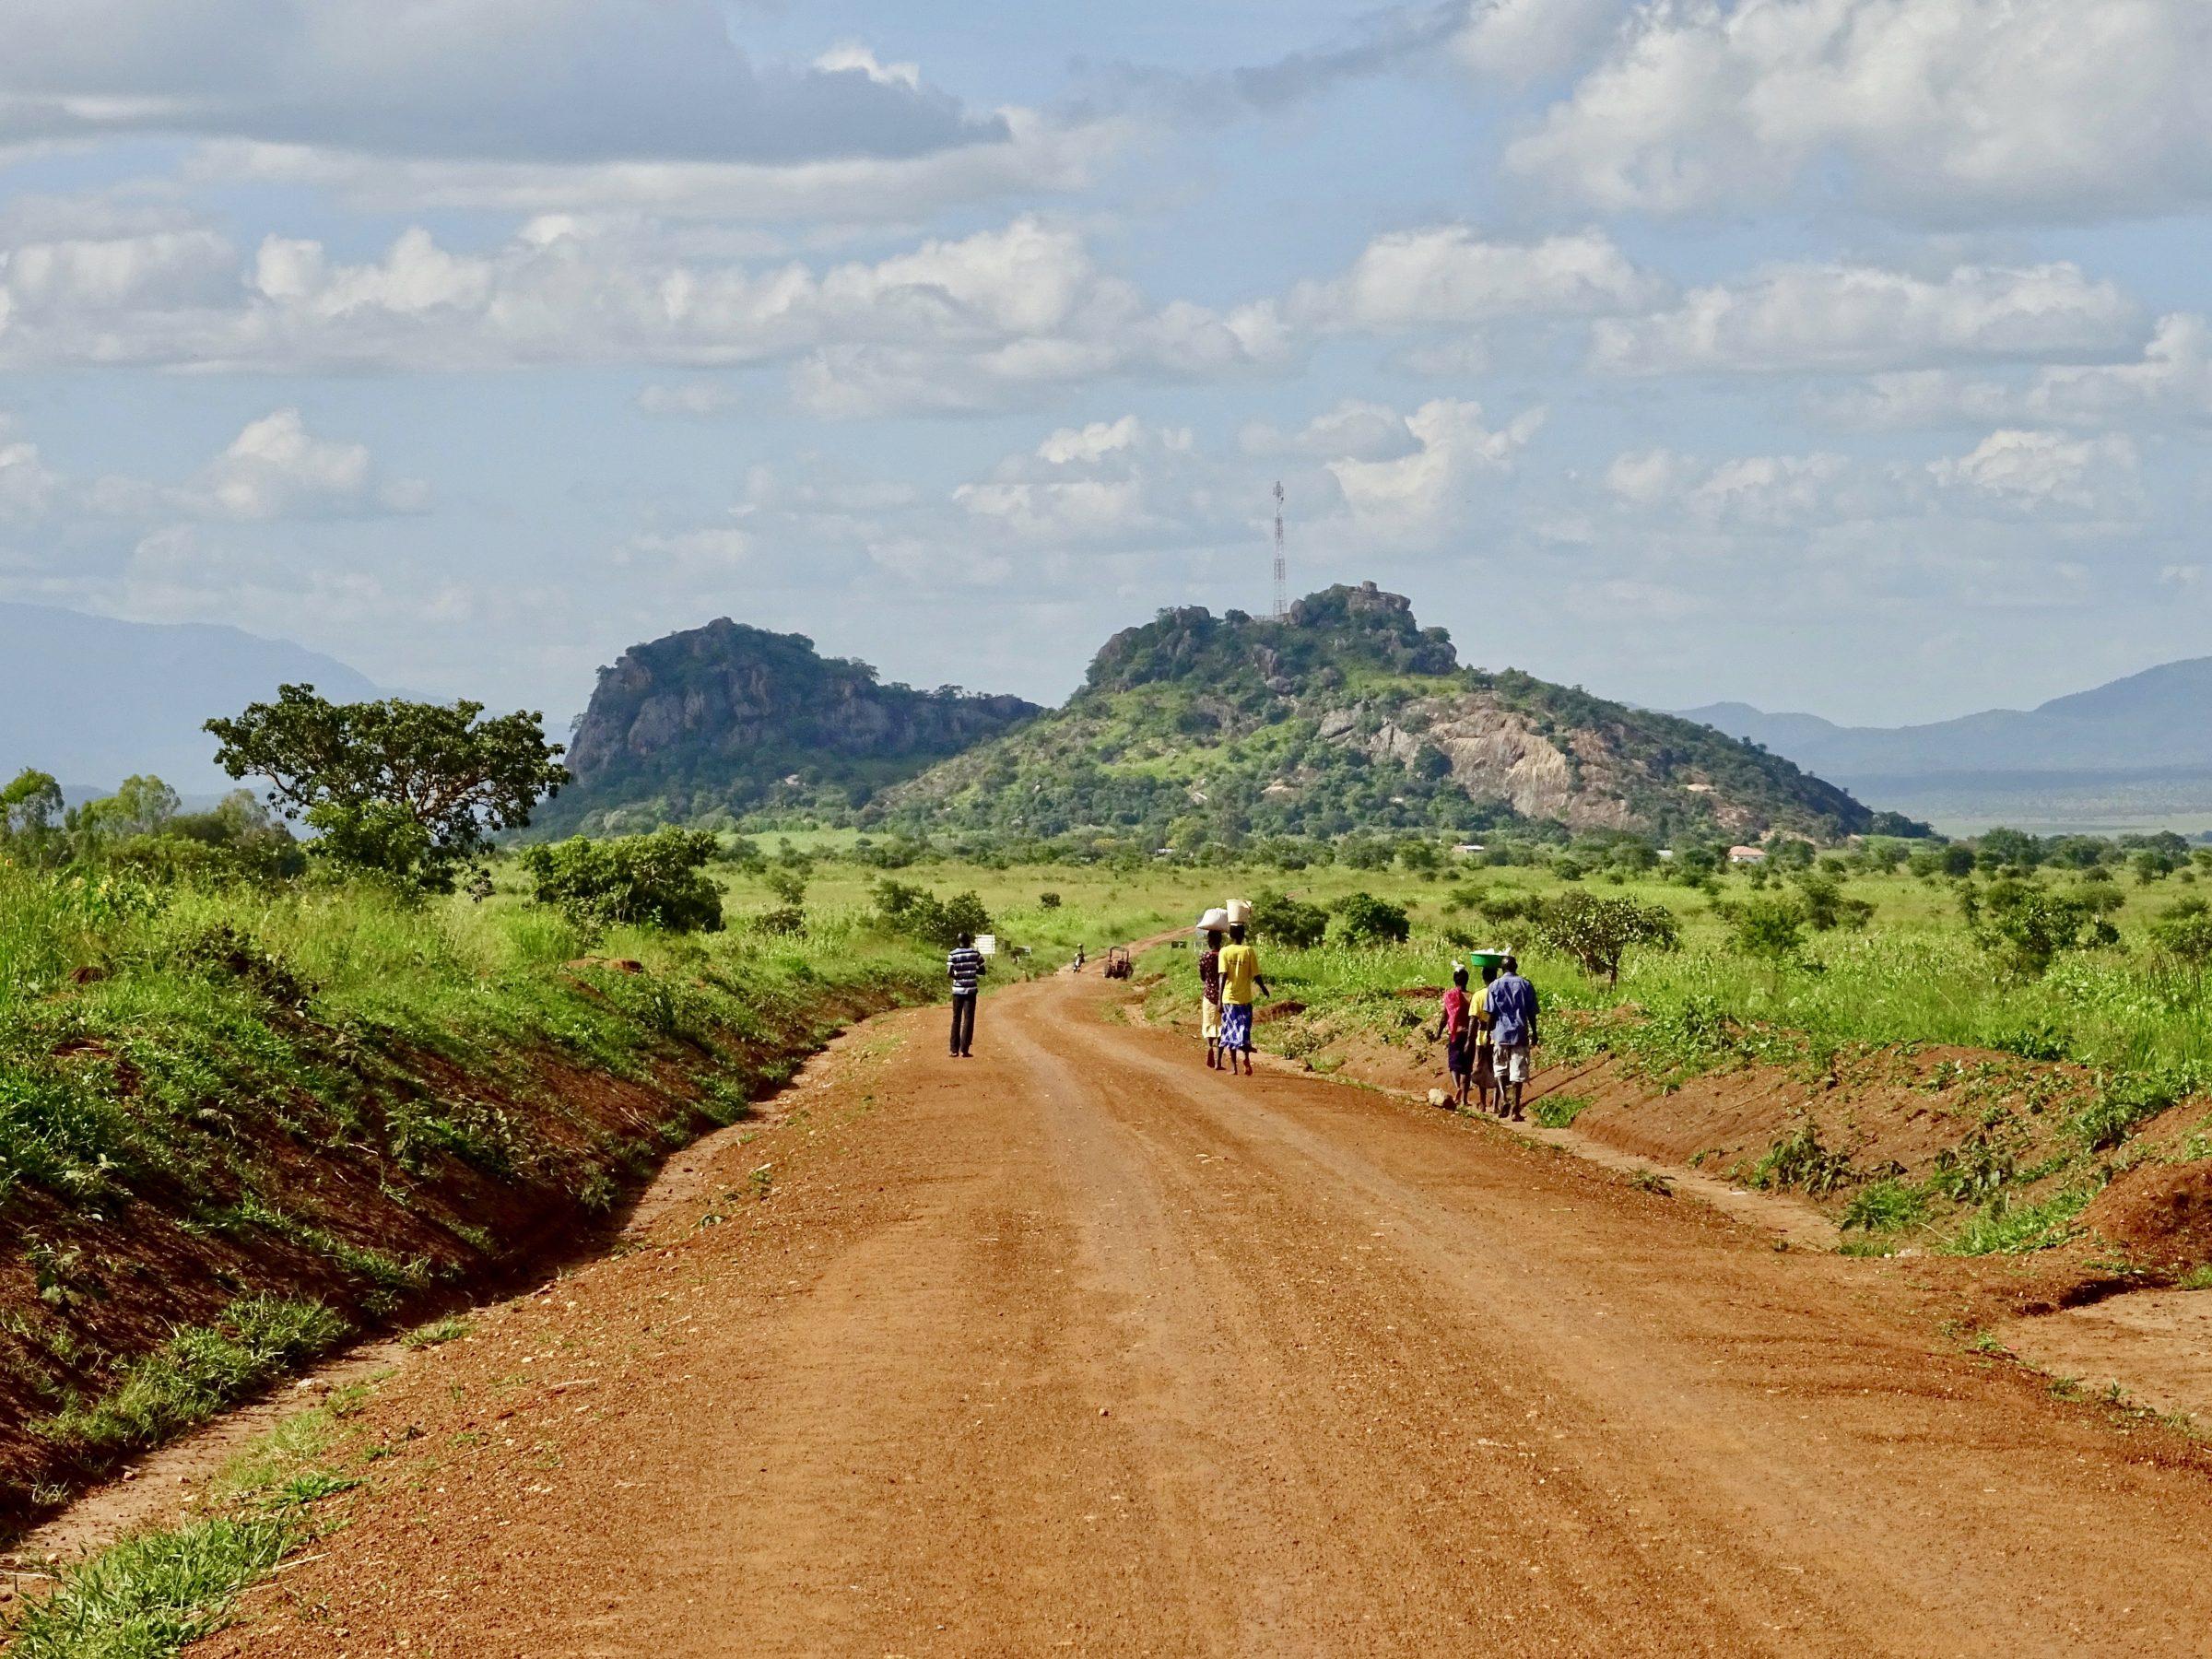 Vrouwen op weg naar huis nabij Kidepo